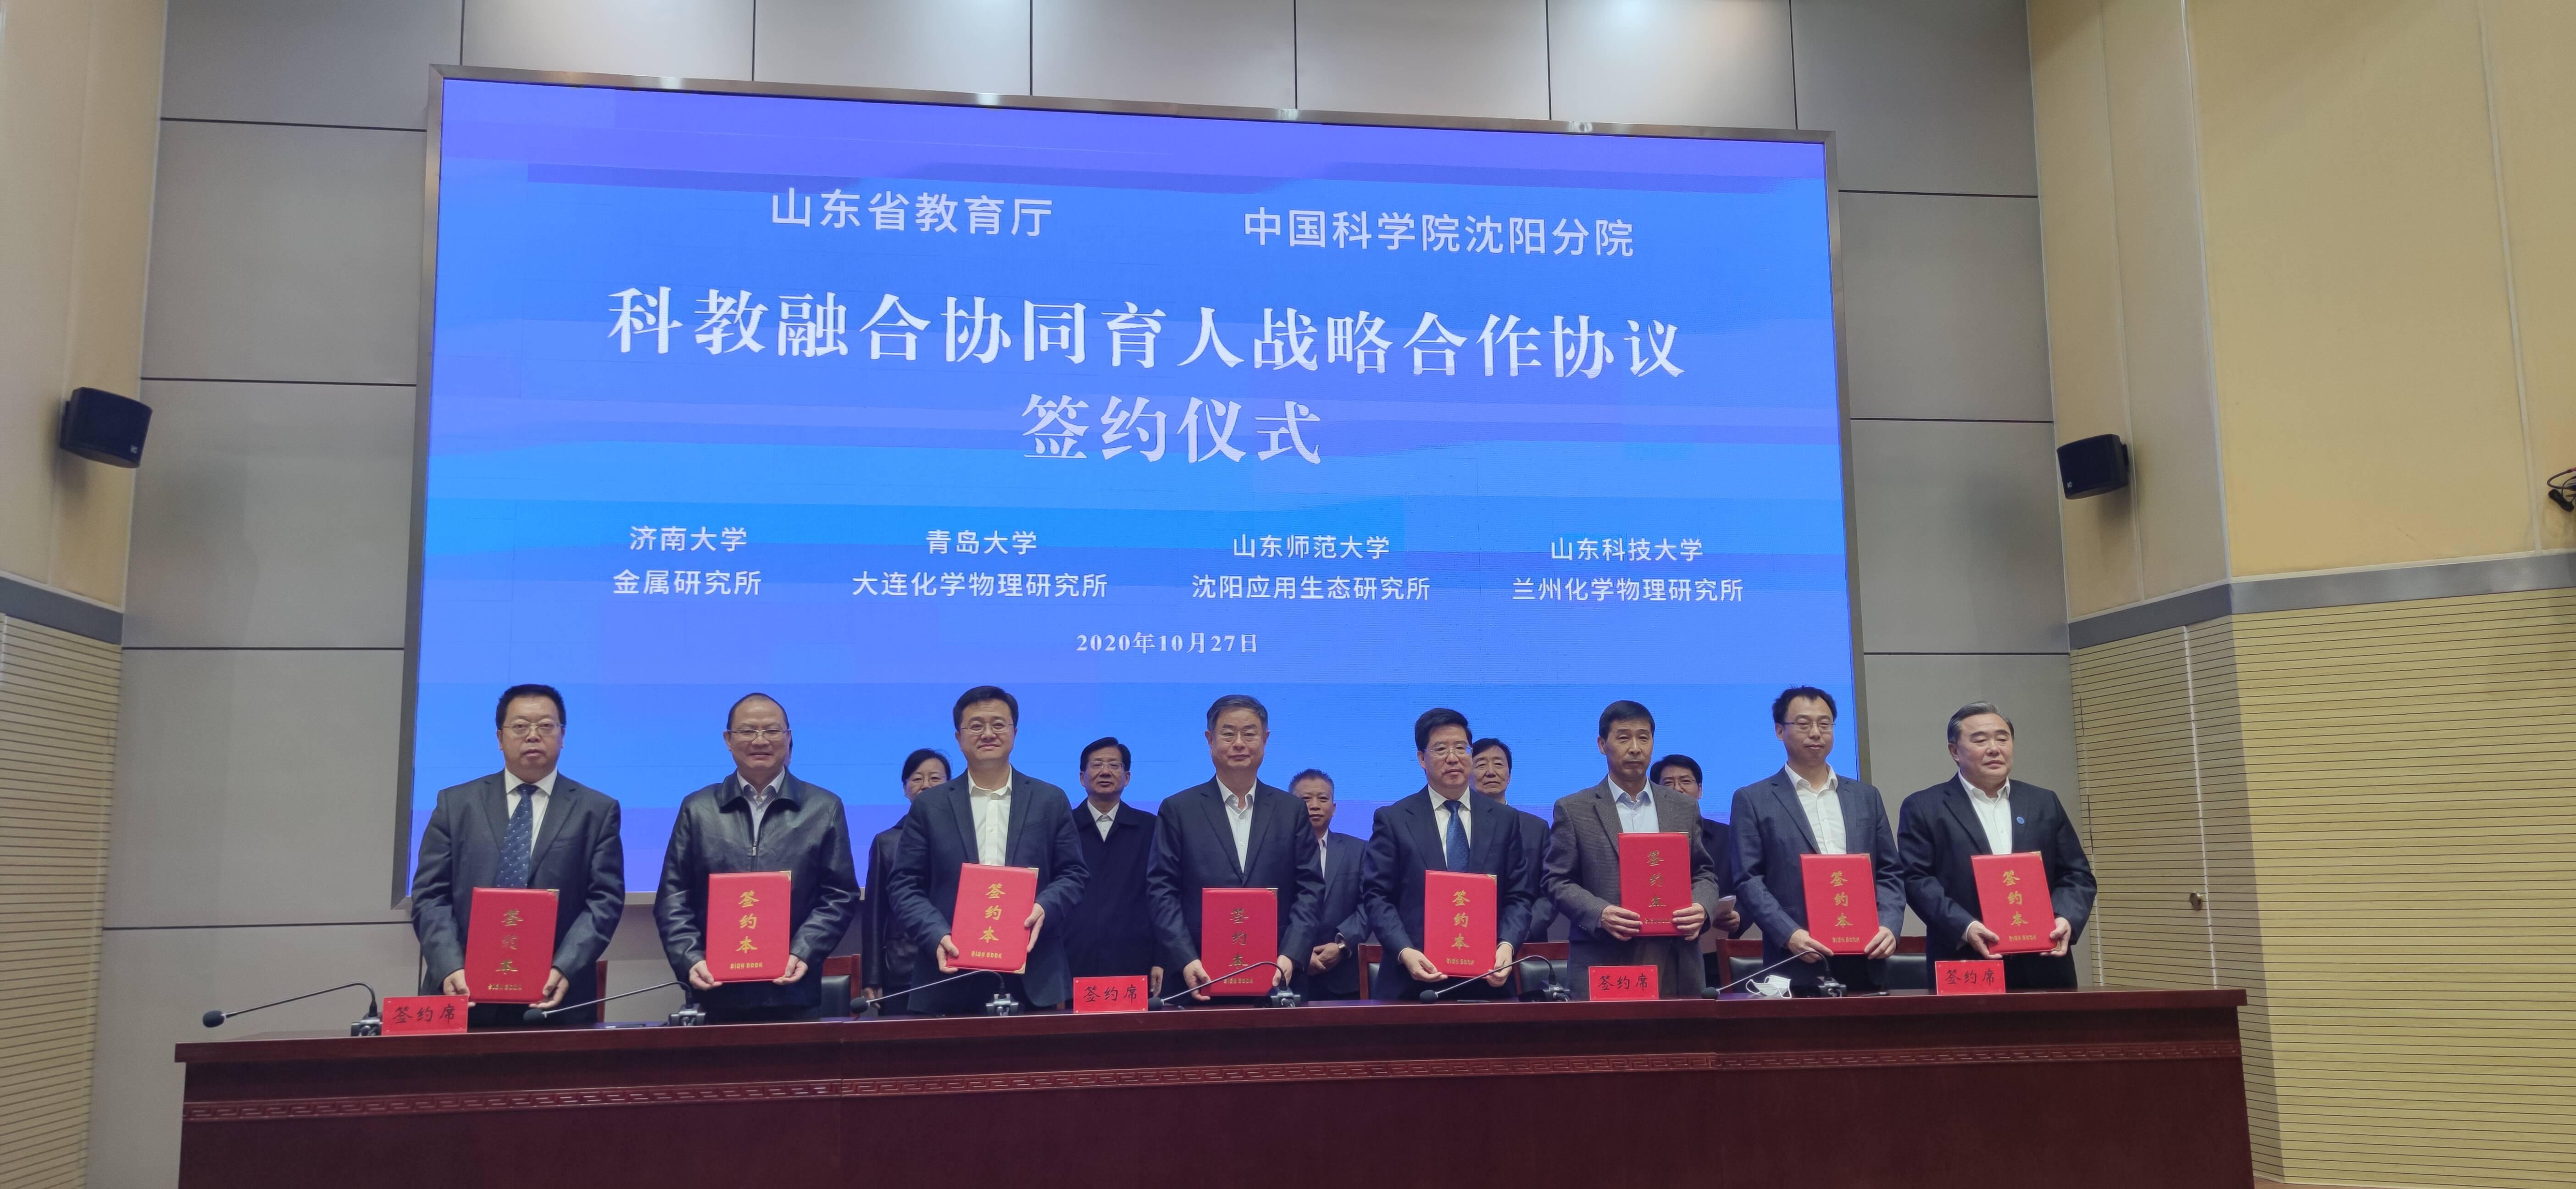 山东省教育厅与中国科学院沈阳分院等单位签订科教融合协同育人战略合作协议